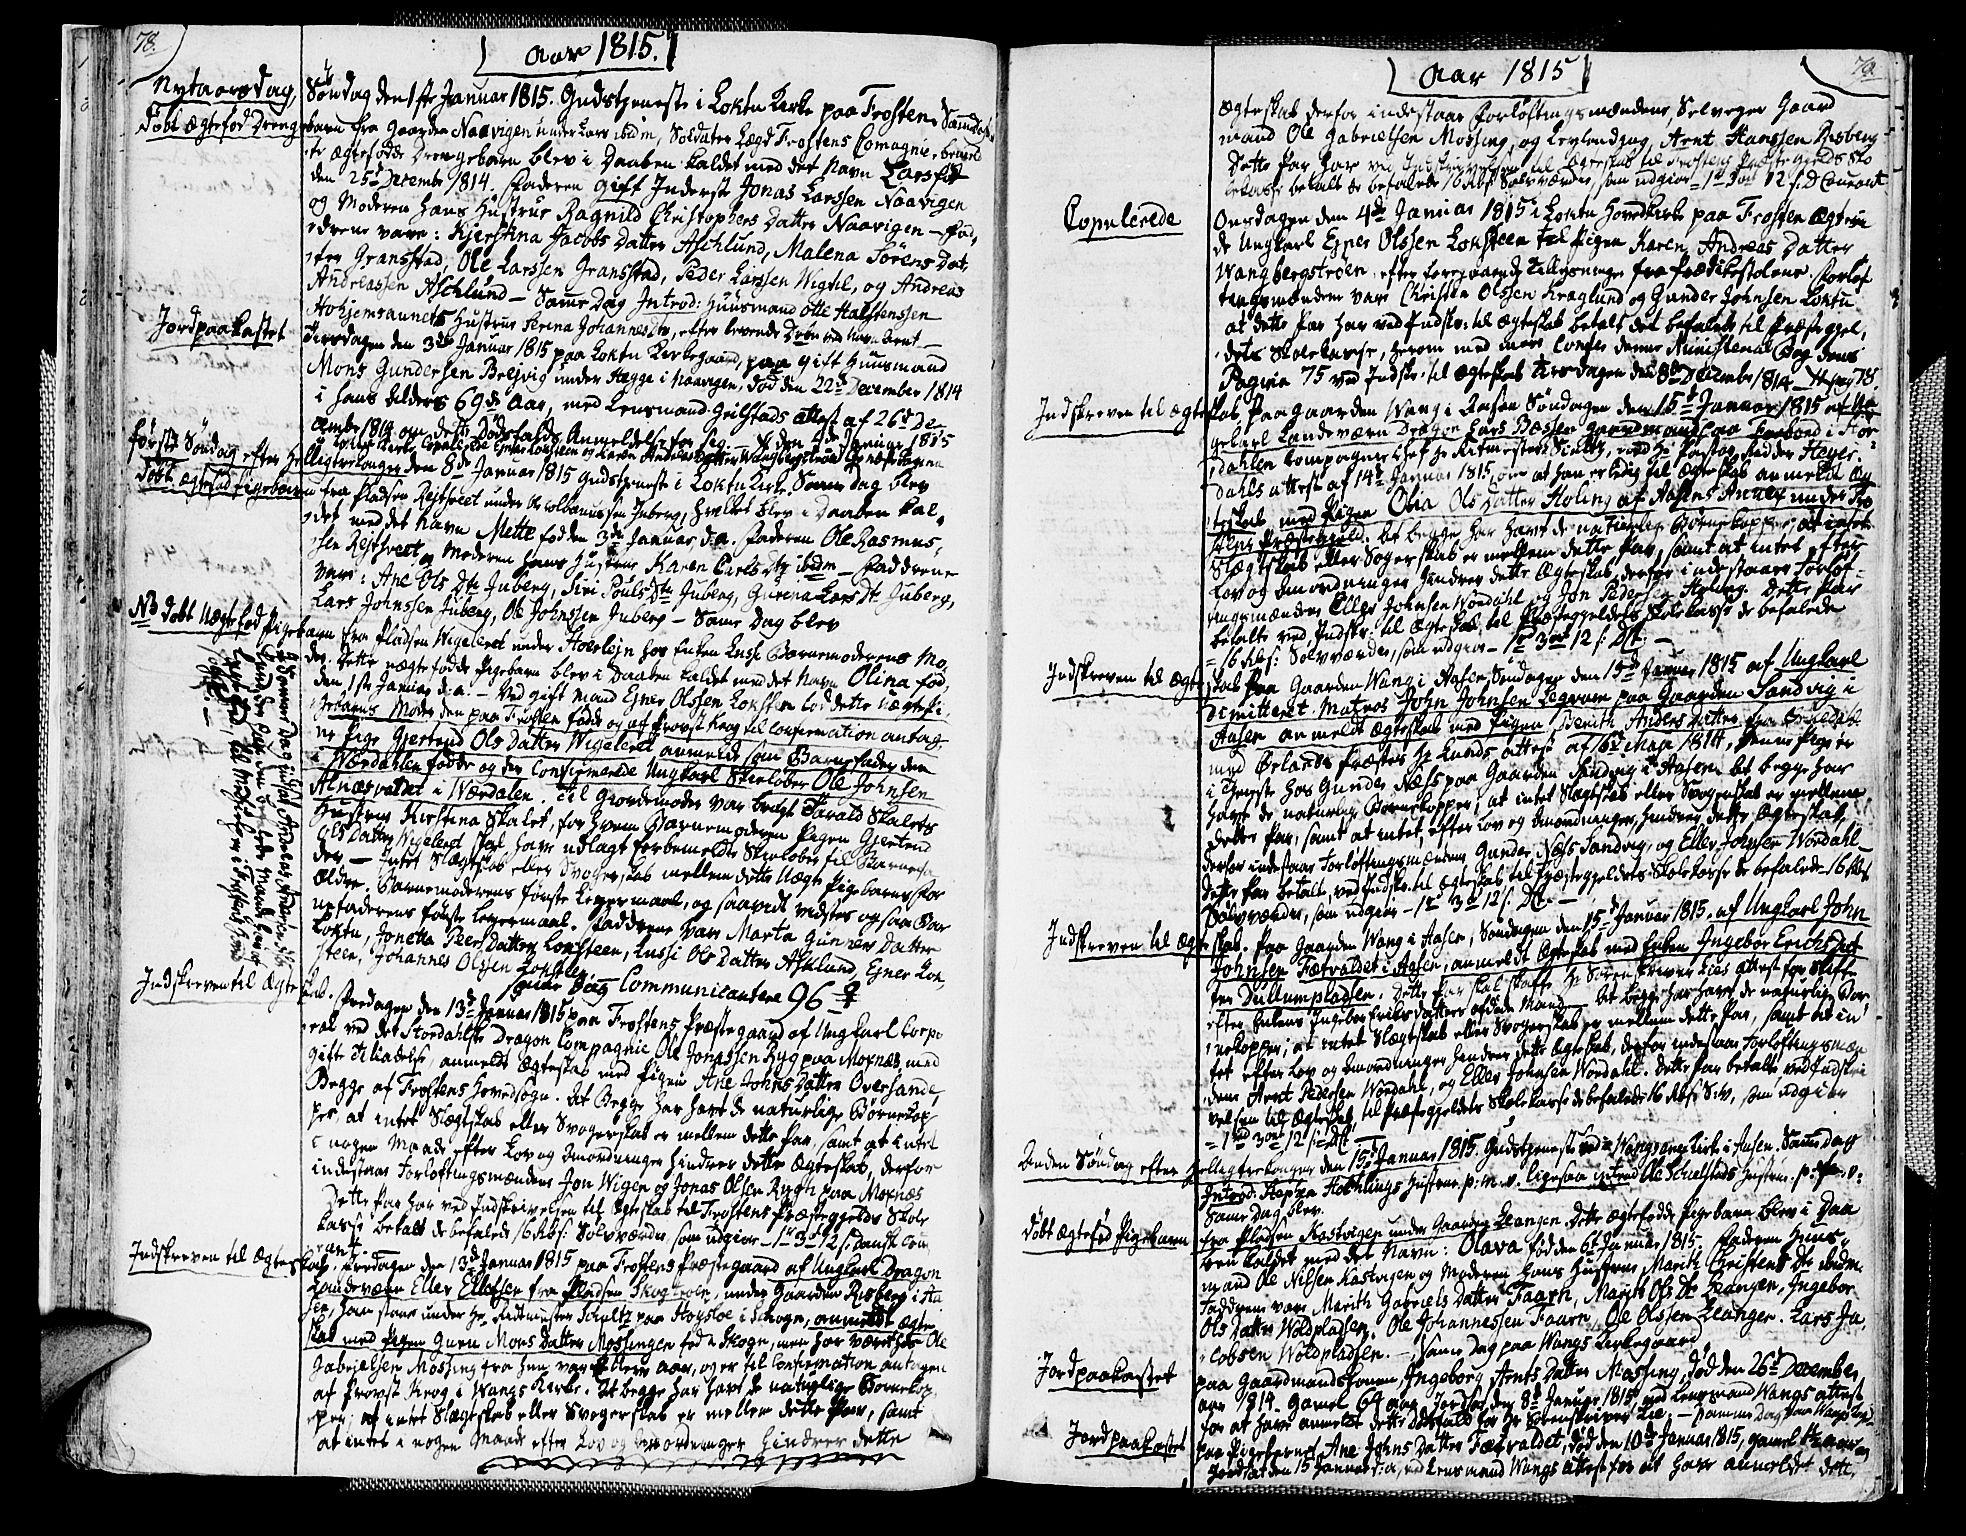 SAT, Ministerialprotokoller, klokkerbøker og fødselsregistre - Nord-Trøndelag, 713/L0111: Ministerialbok nr. 713A03, 1812-1816, s. 78-79